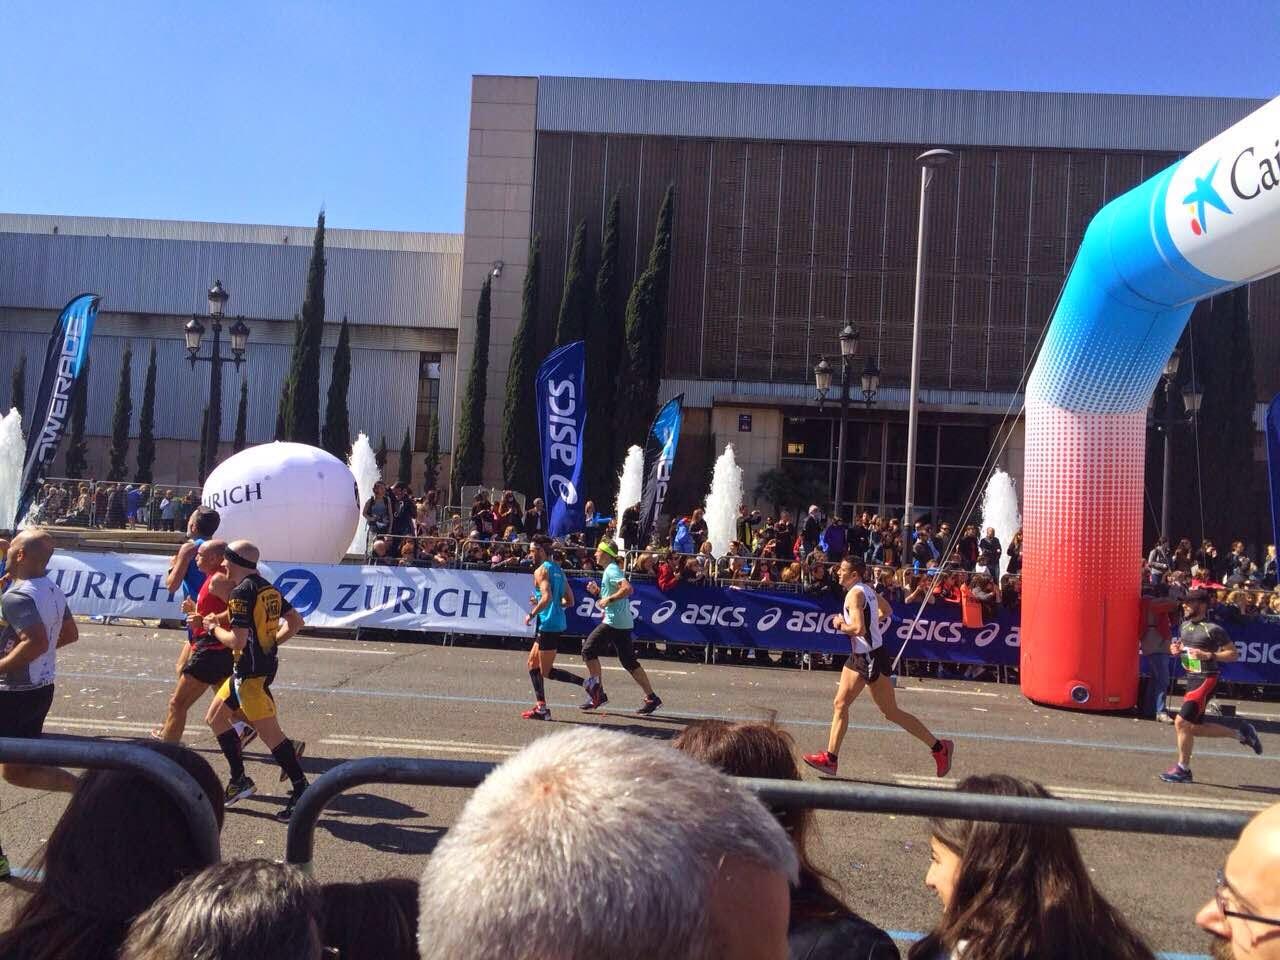 zurich marato barcelona 2015 meta